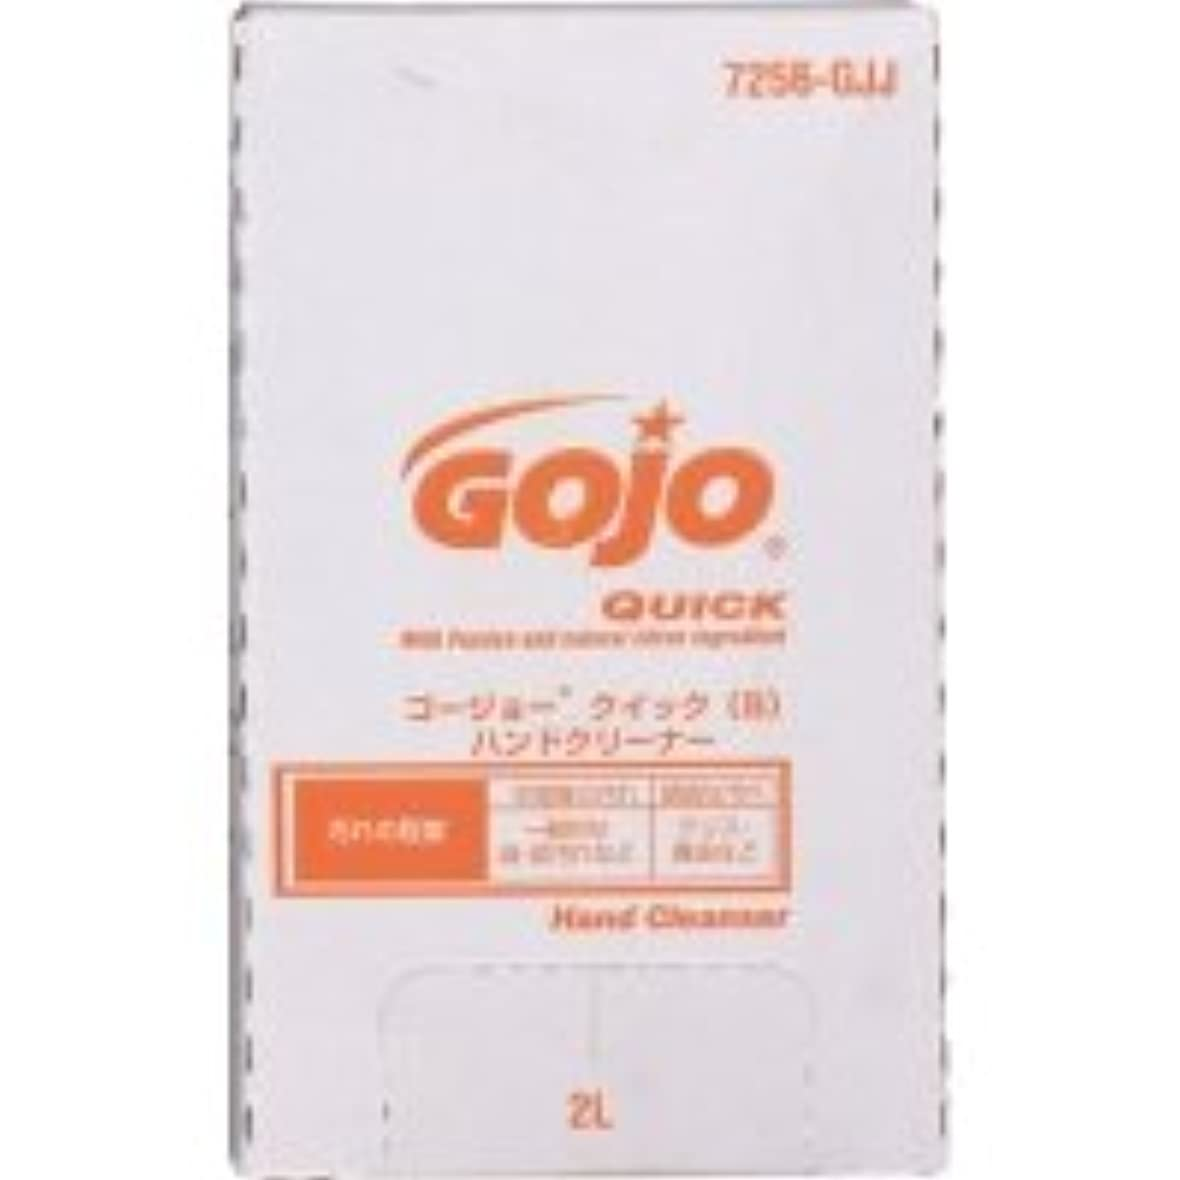 含める和らげる北米GOJO クイック(S)ハンドクリーナー ディスペンサー用 2000ml 1個